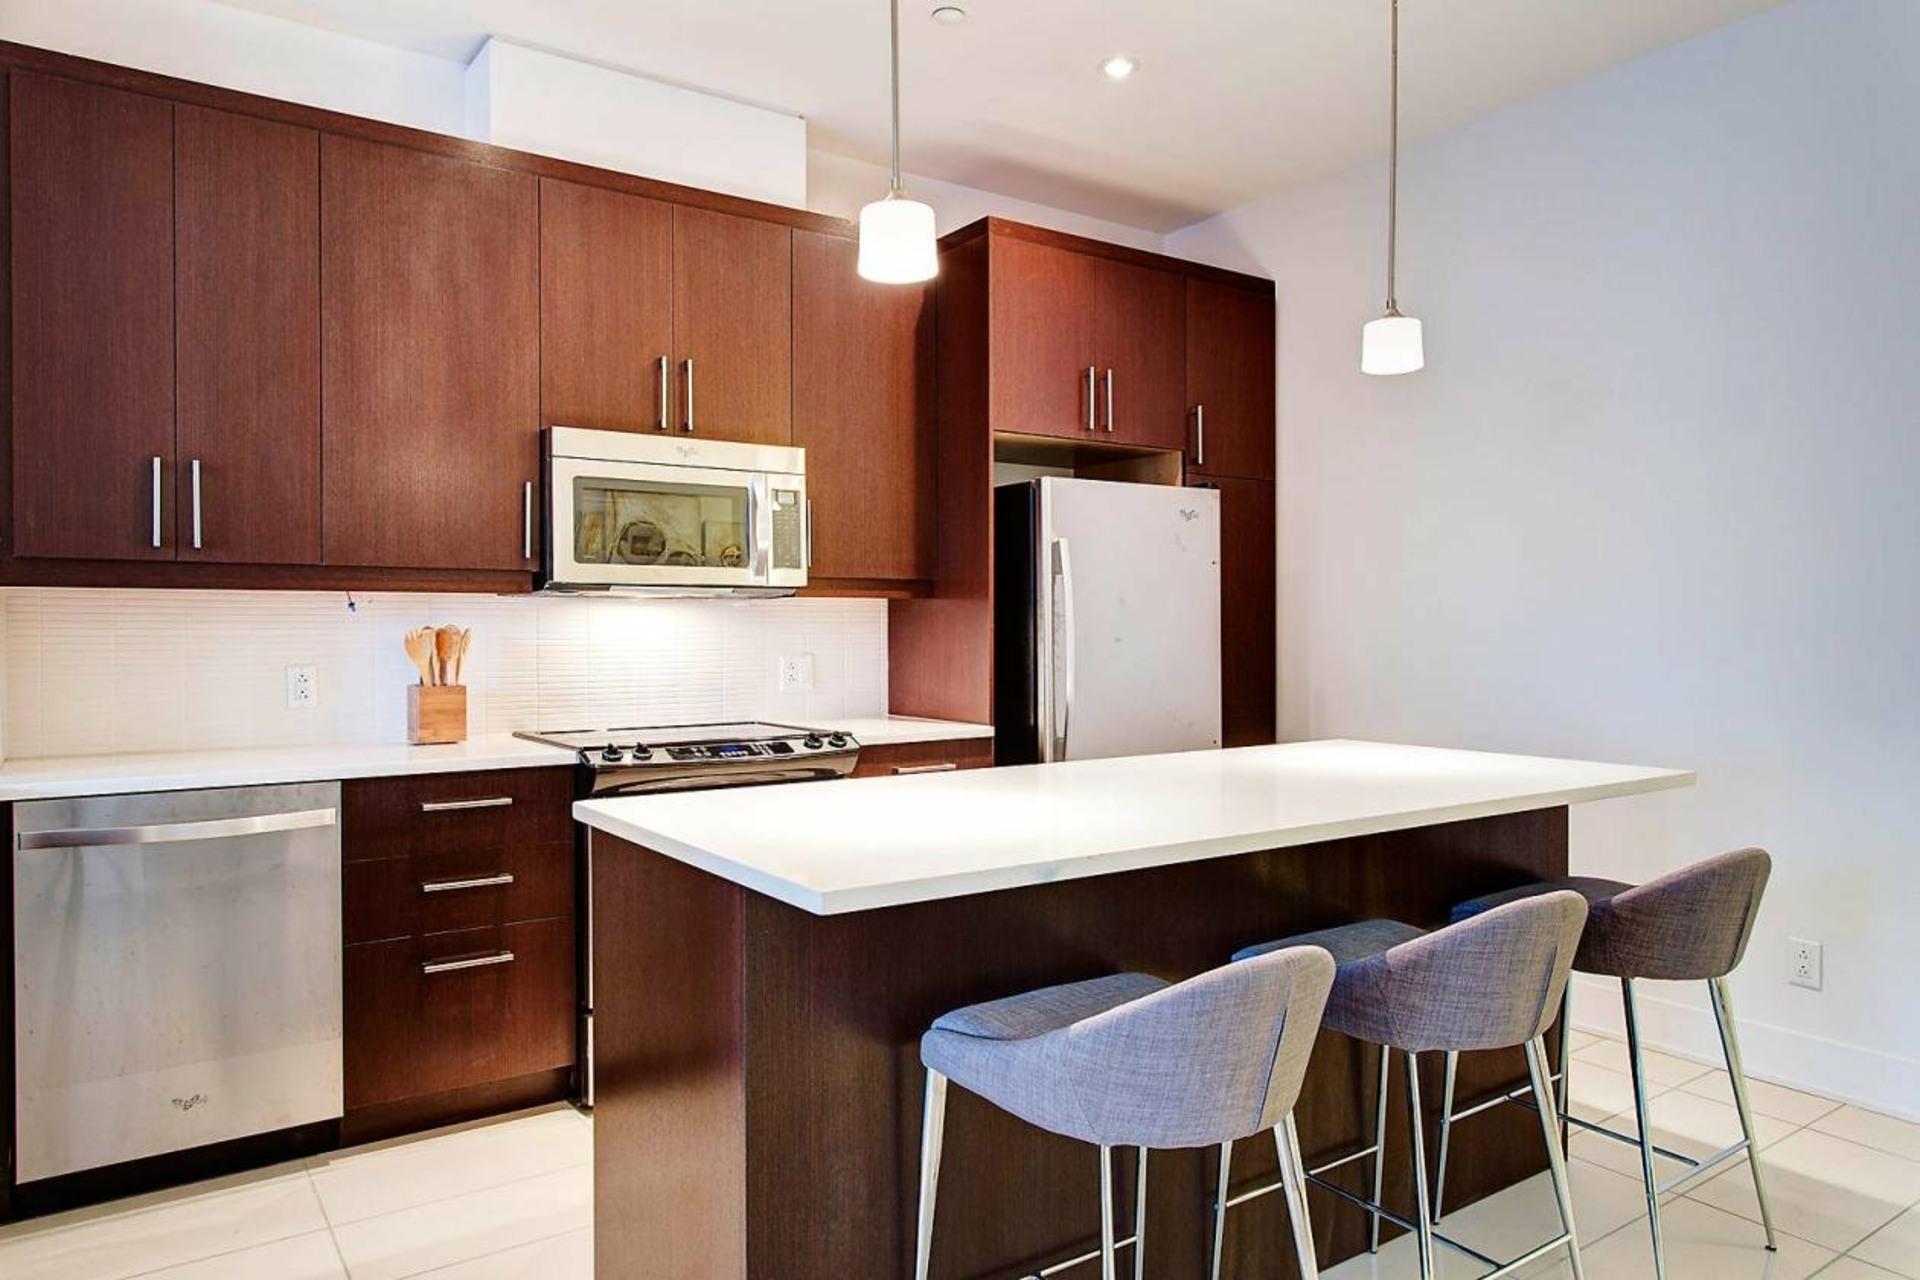 image 5 - Appartement À louer Ville-Marie Montréal  - 5 pièces